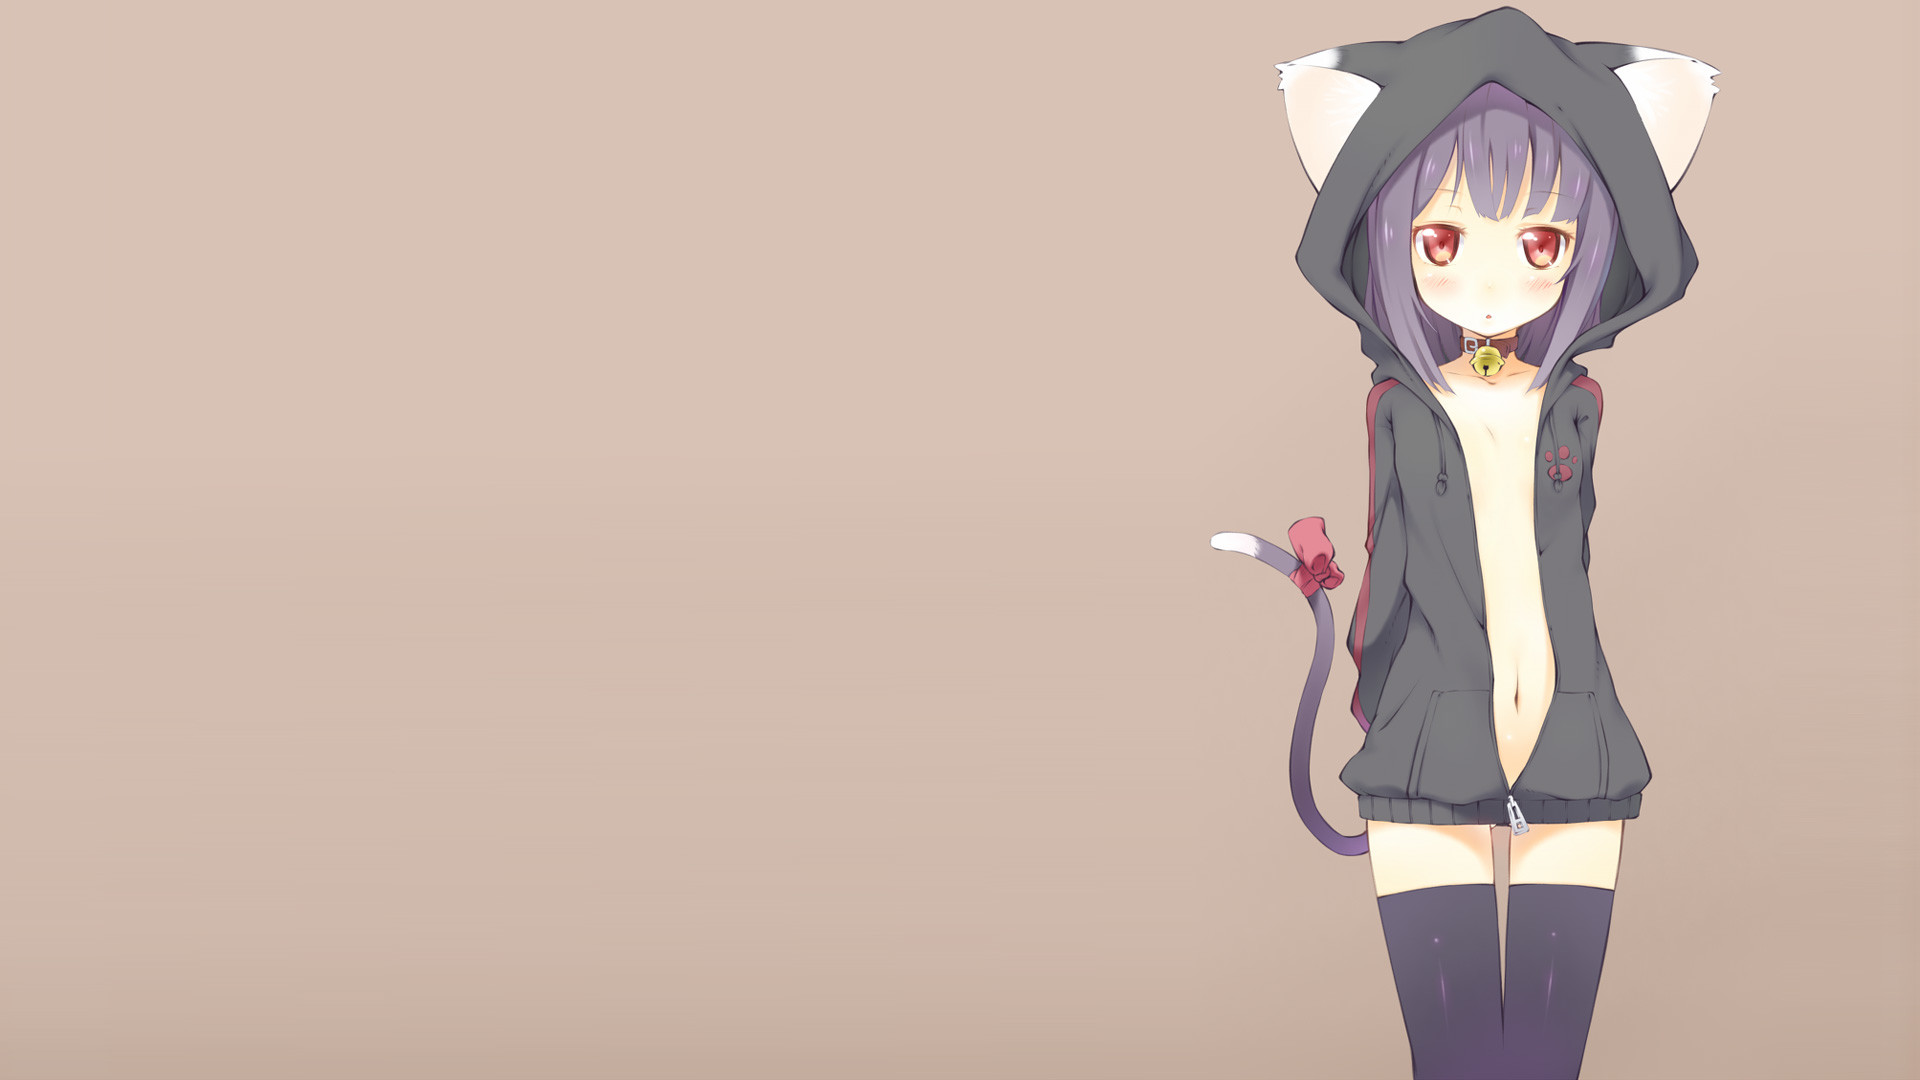 anime-catgirl-drawing.jpg (1920×1080)